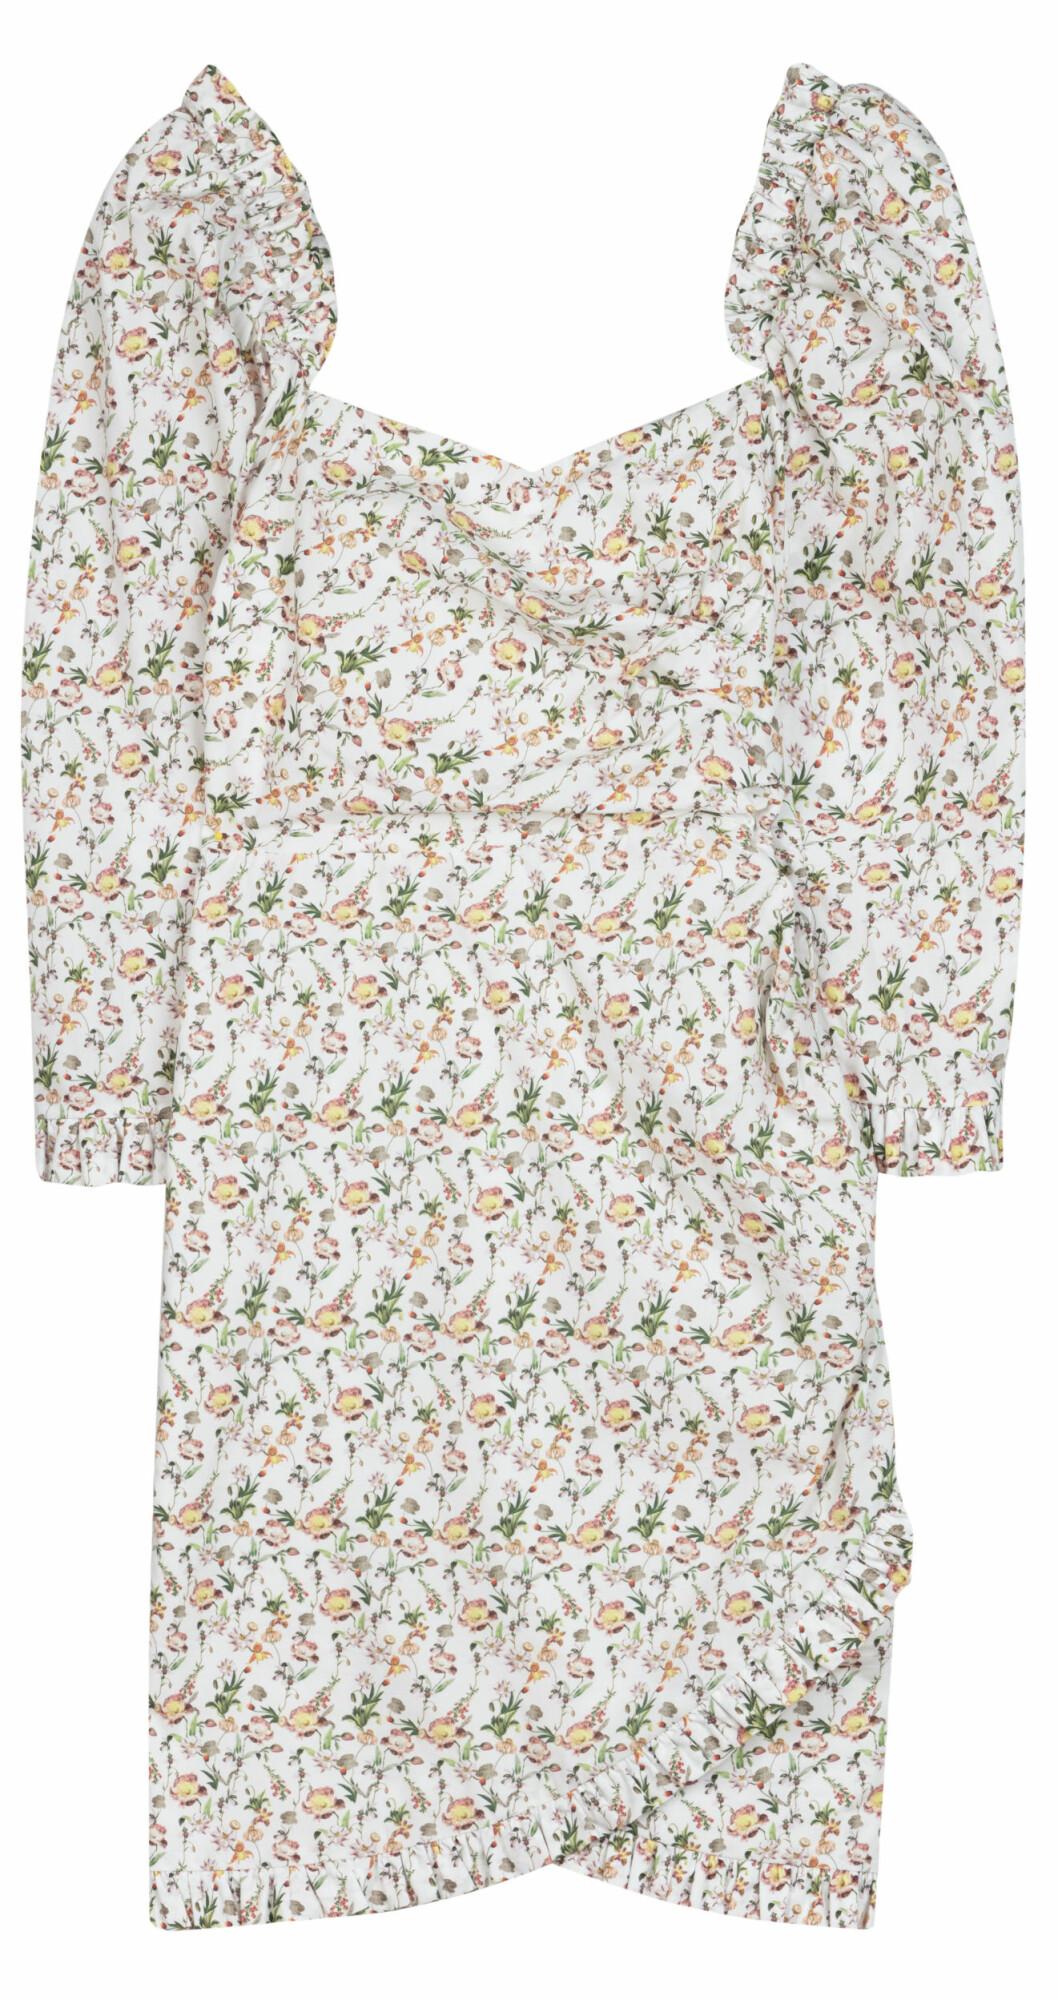 kort klänning från BY malina med blommor.